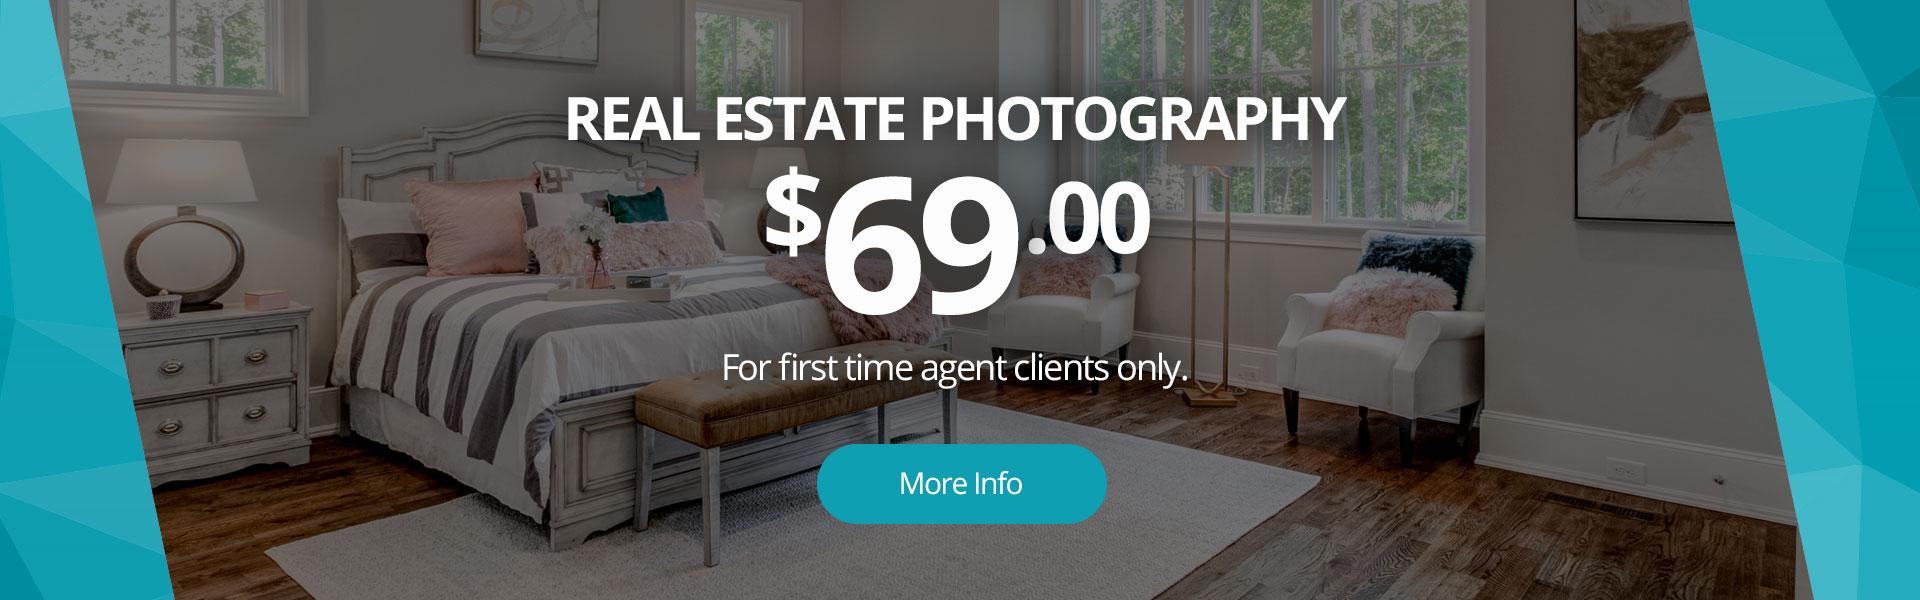 Real Estate Photos $69